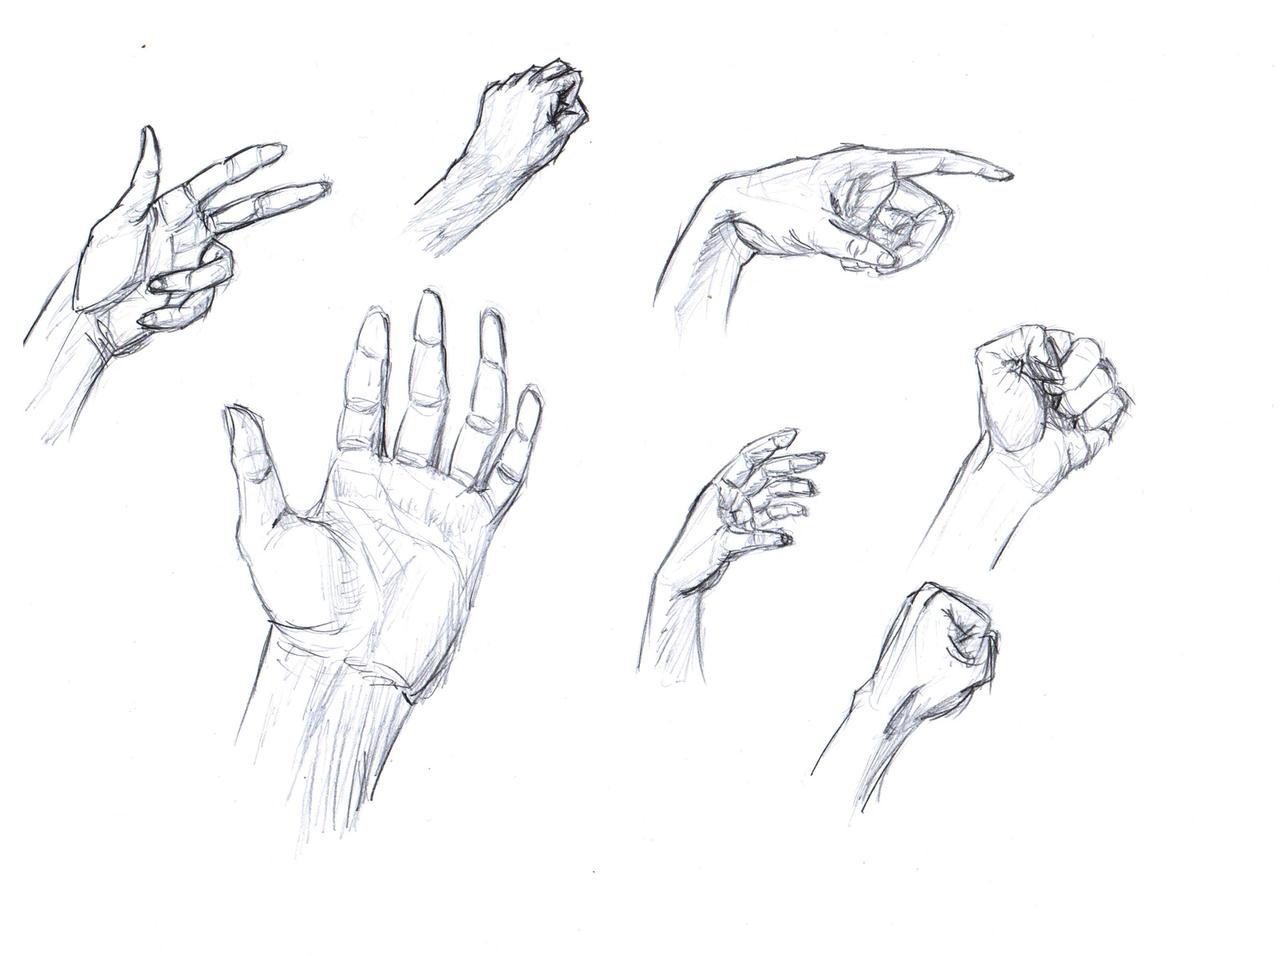 Hands-1 by IRCSS